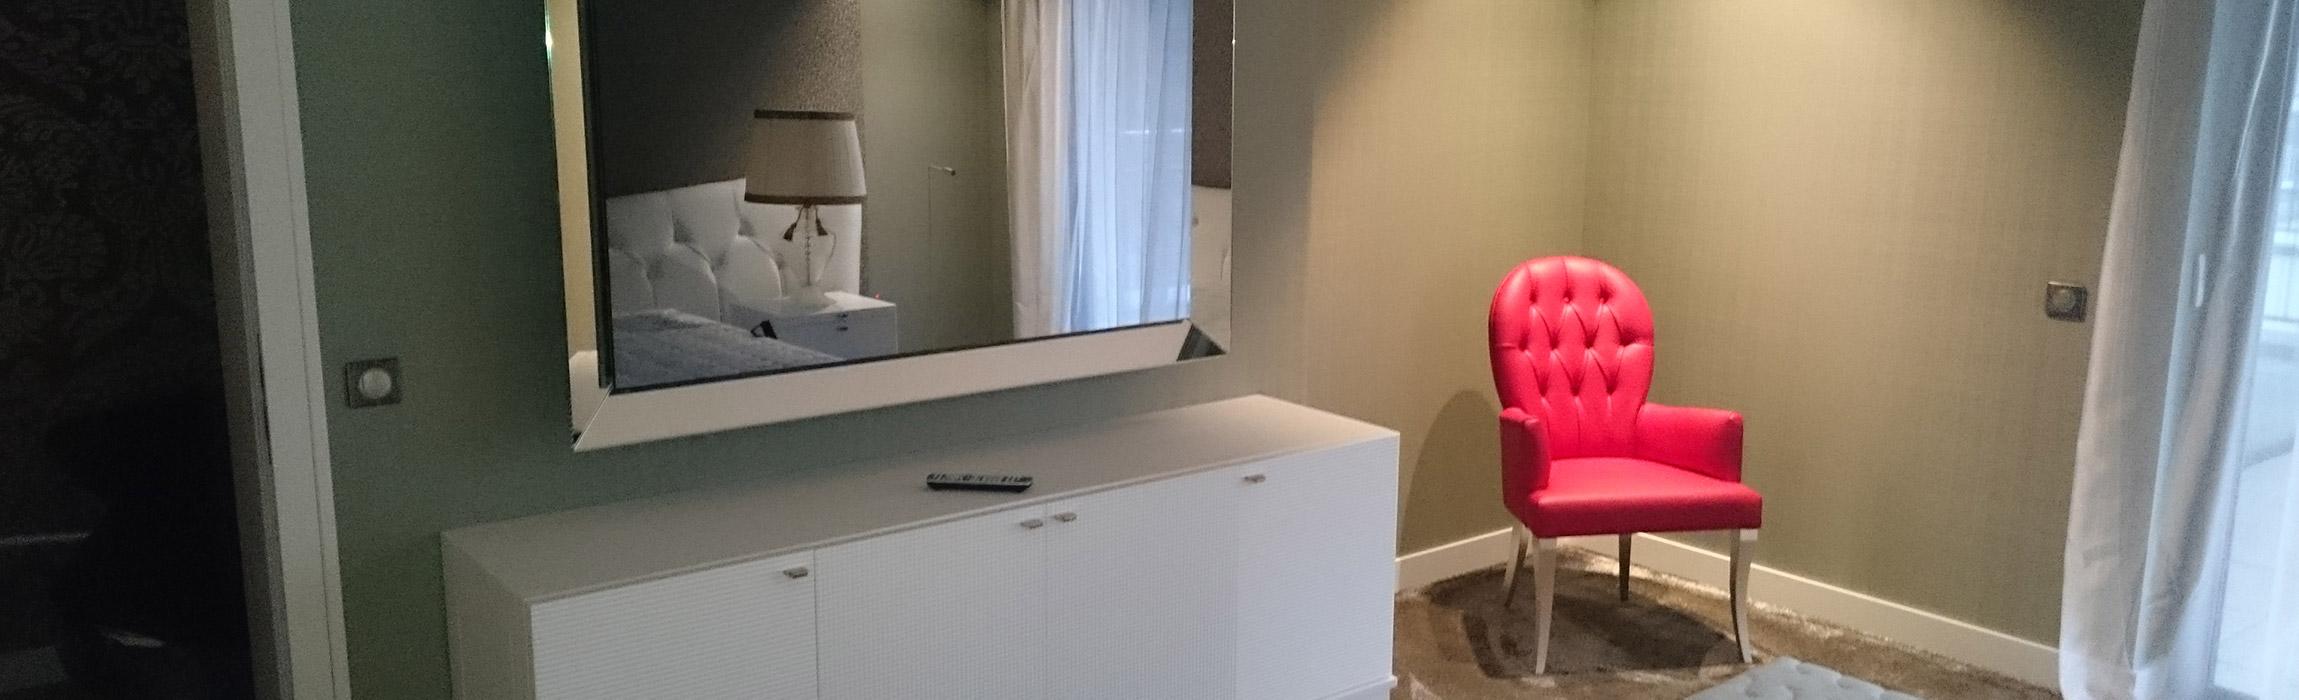 nos activit s voltaire louis et la berg re tapissier d corateur sp cialis dans la pose de. Black Bedroom Furniture Sets. Home Design Ideas